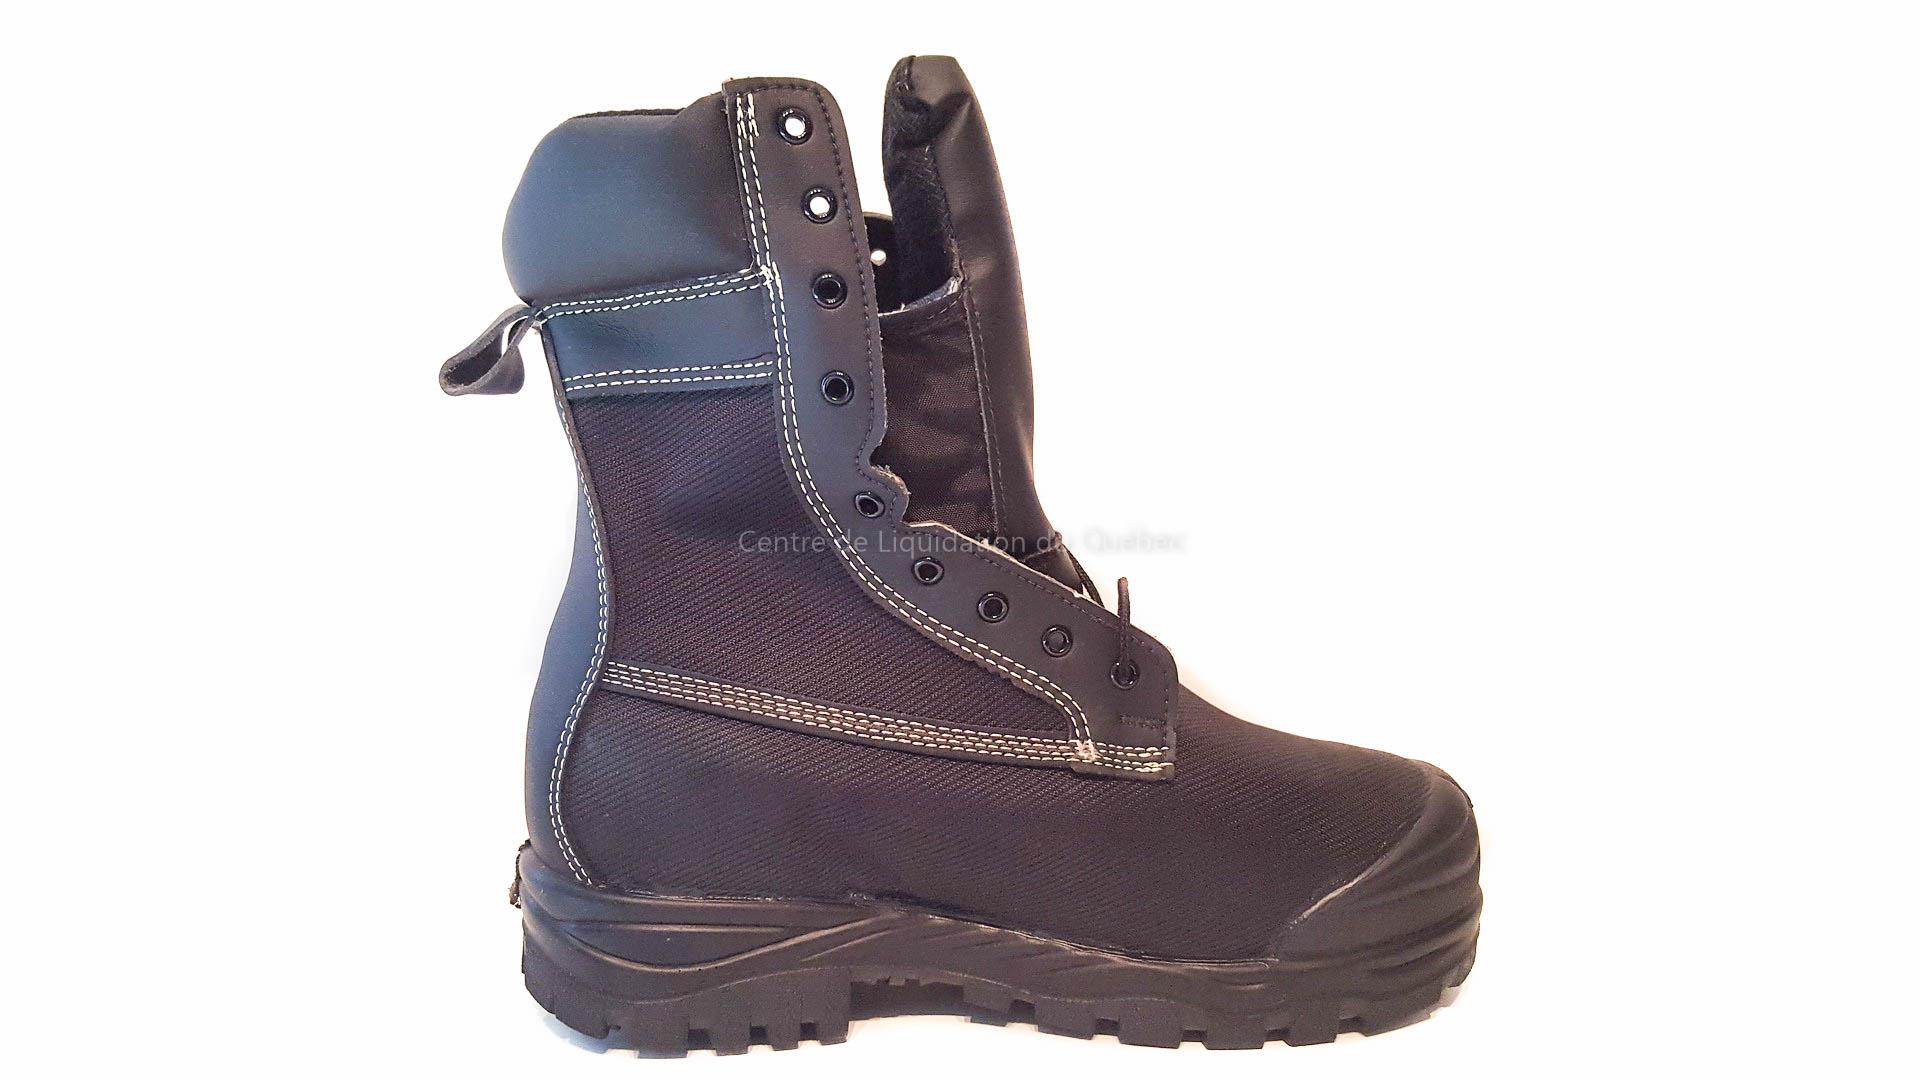 Chaussure de sécurité STC - Vibram (botte sécurité)